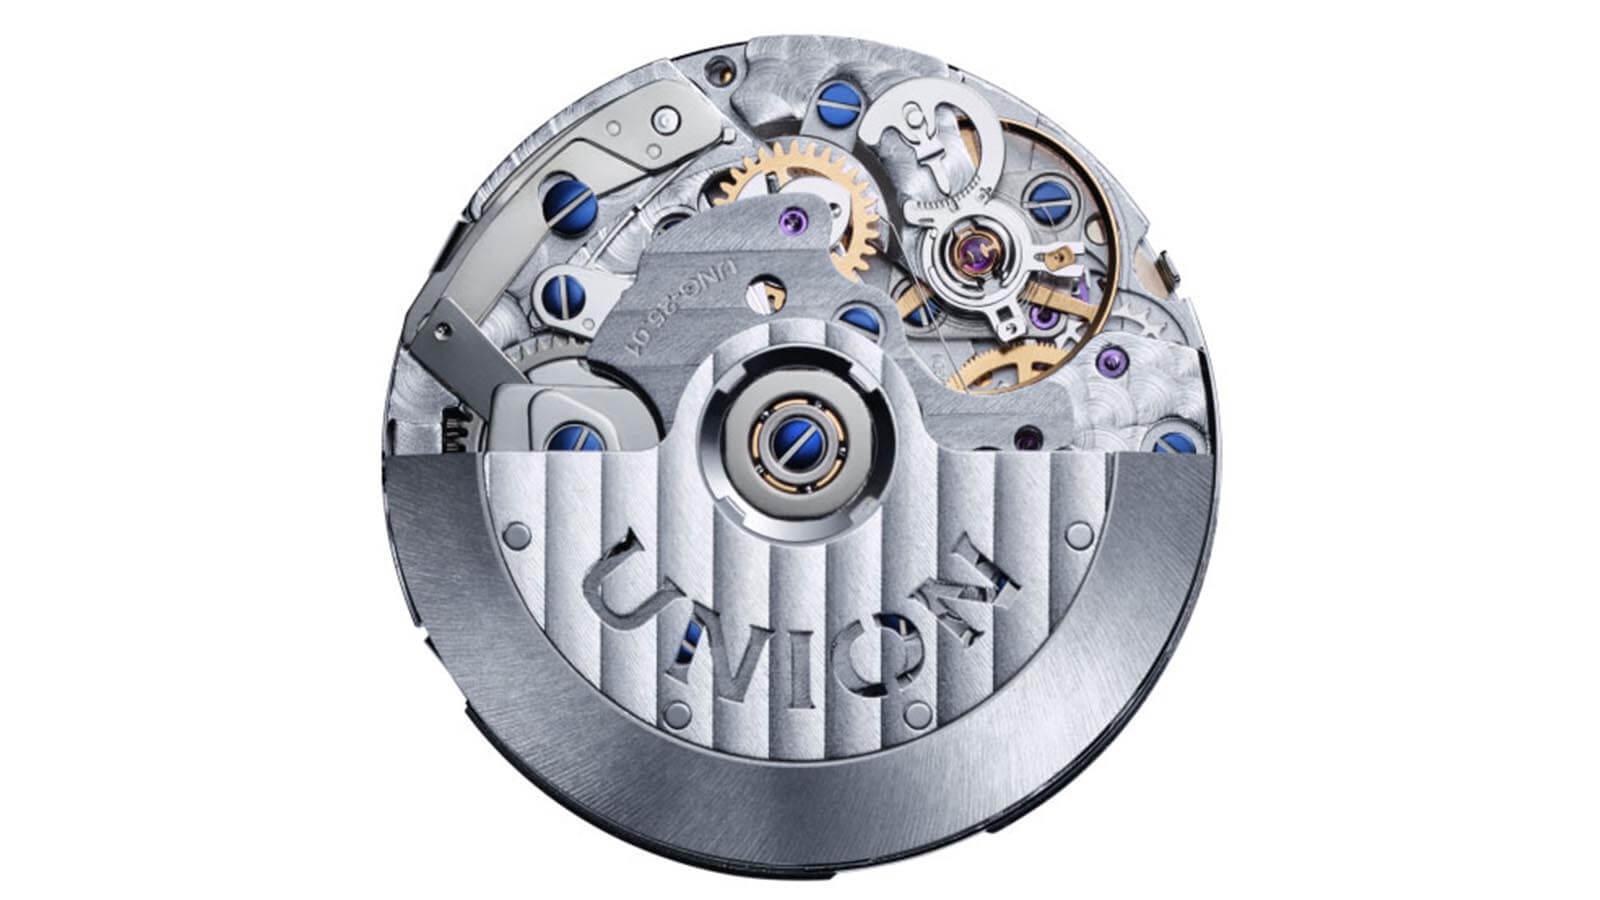 Kaliber UNG-15.01 das im Belisar Chronograph Mondphase von UNION Glashütte schlägt